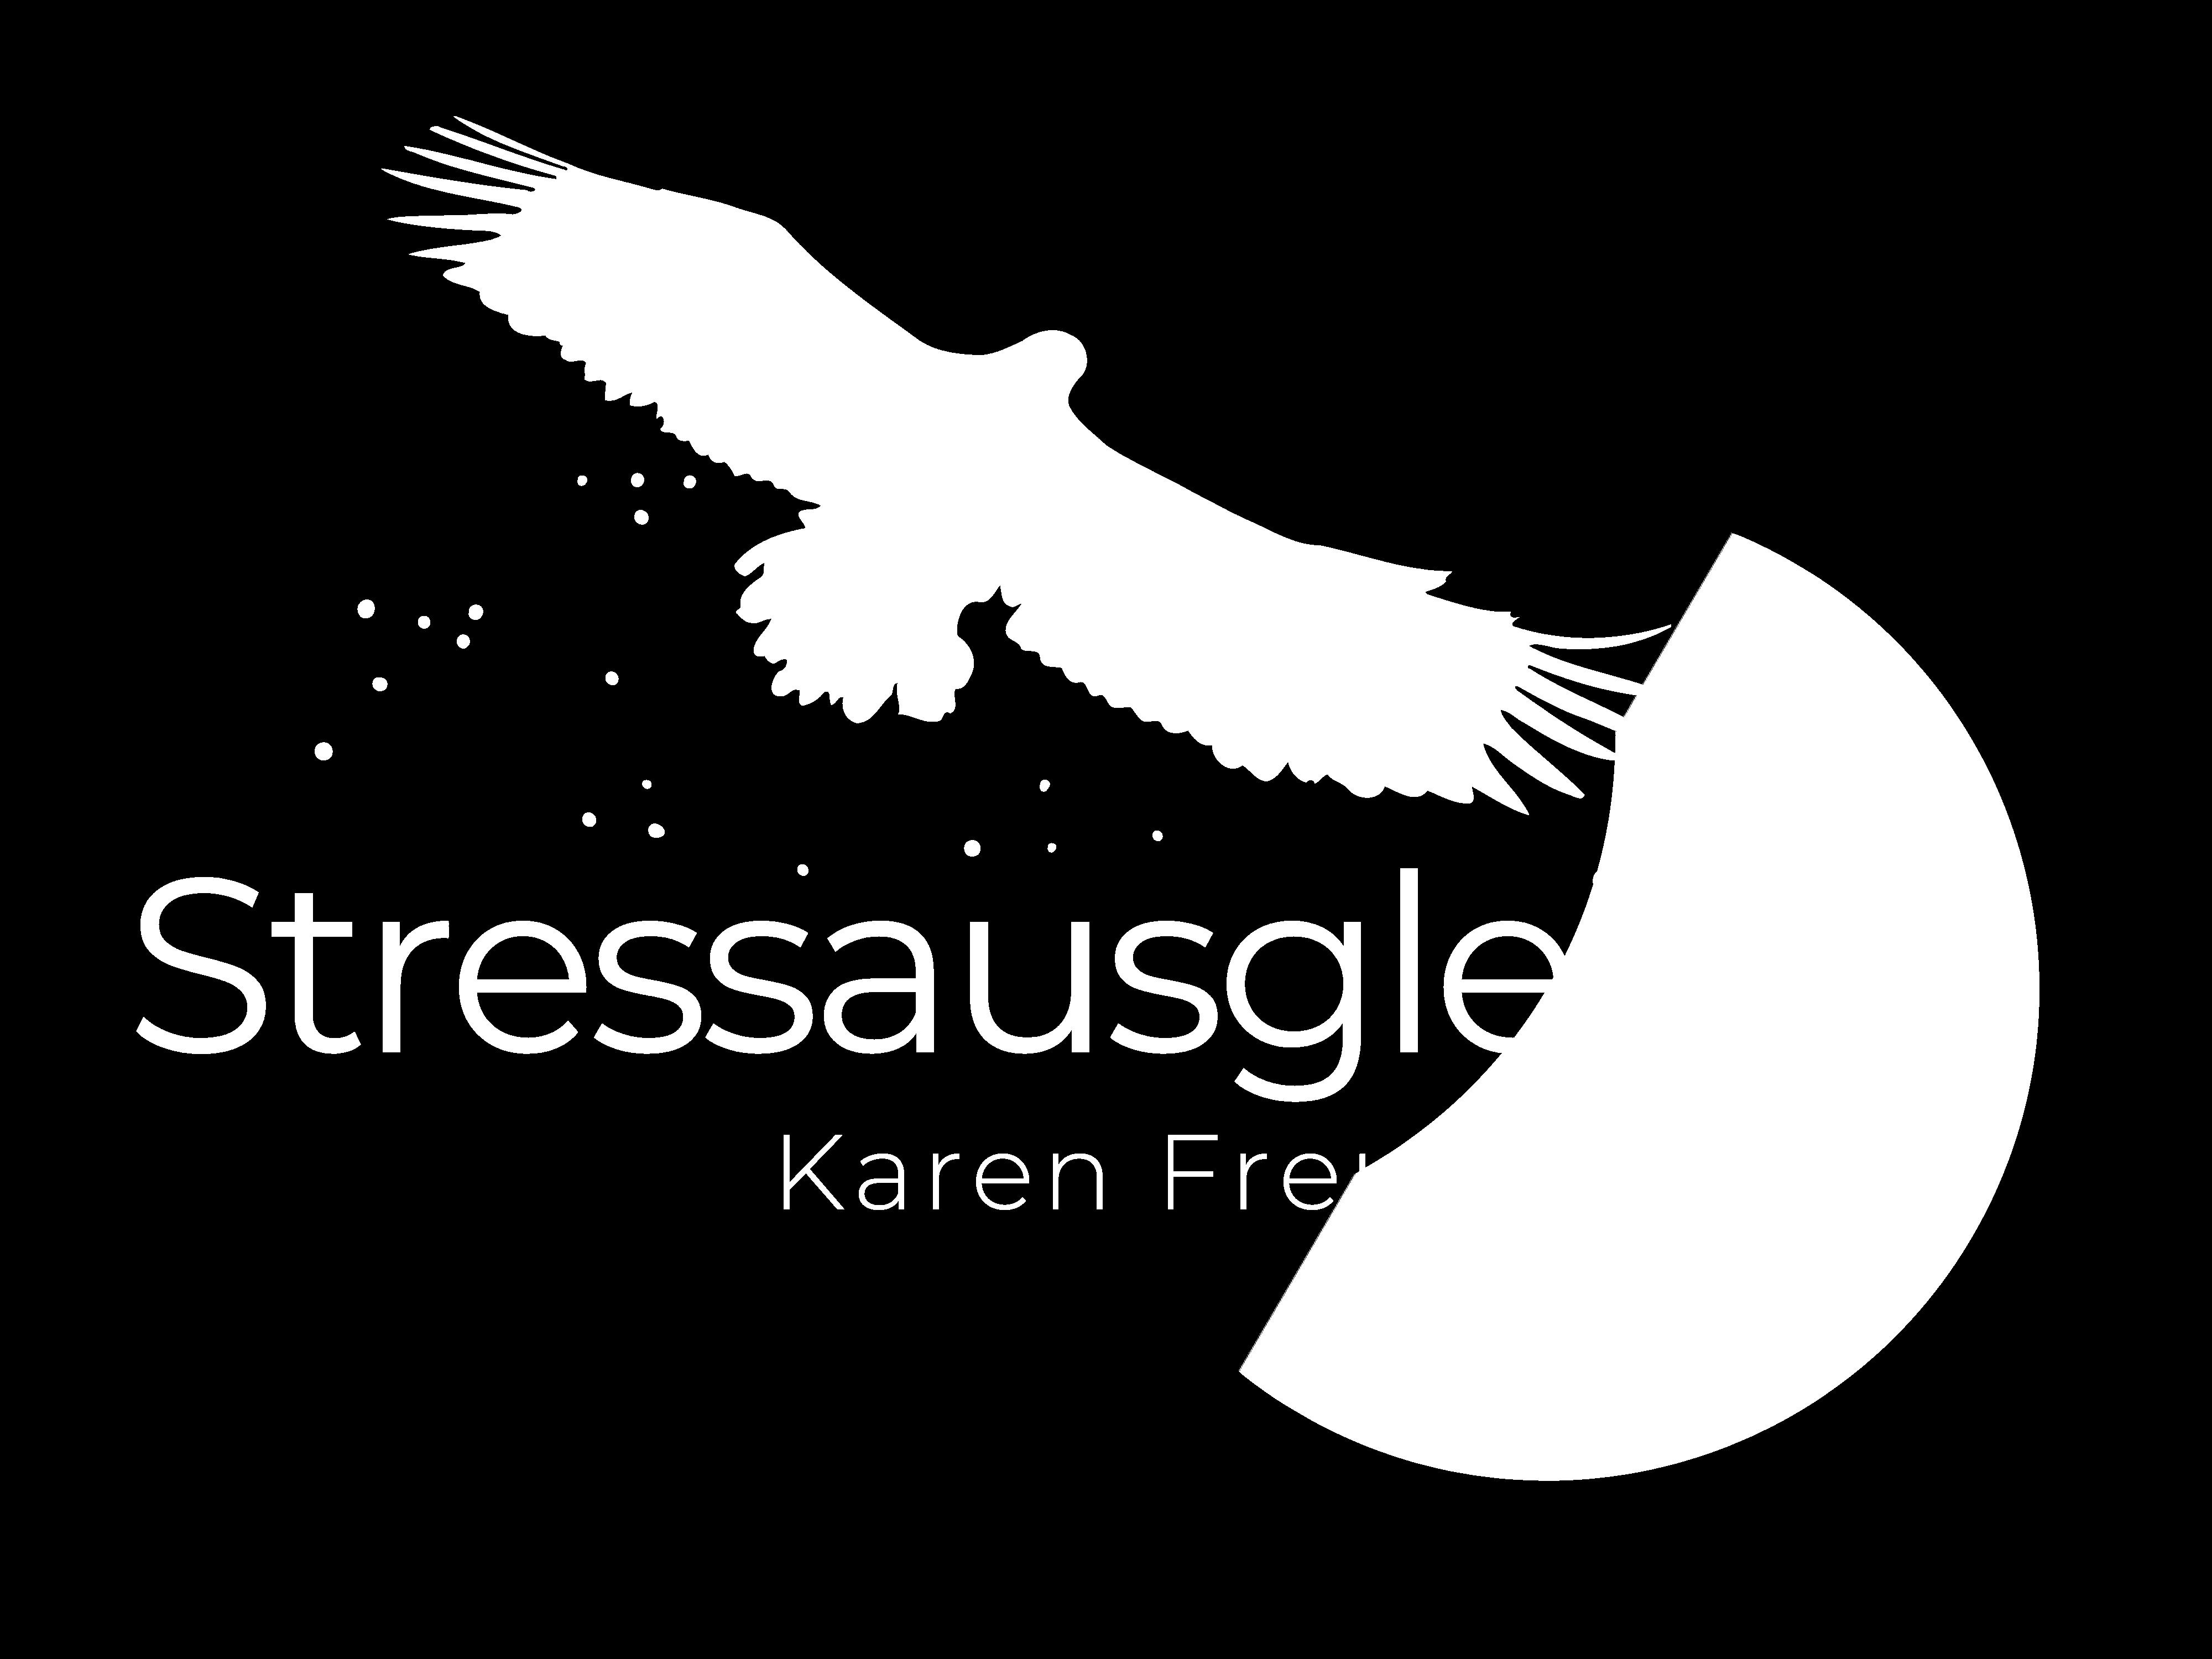 Stressausgleich